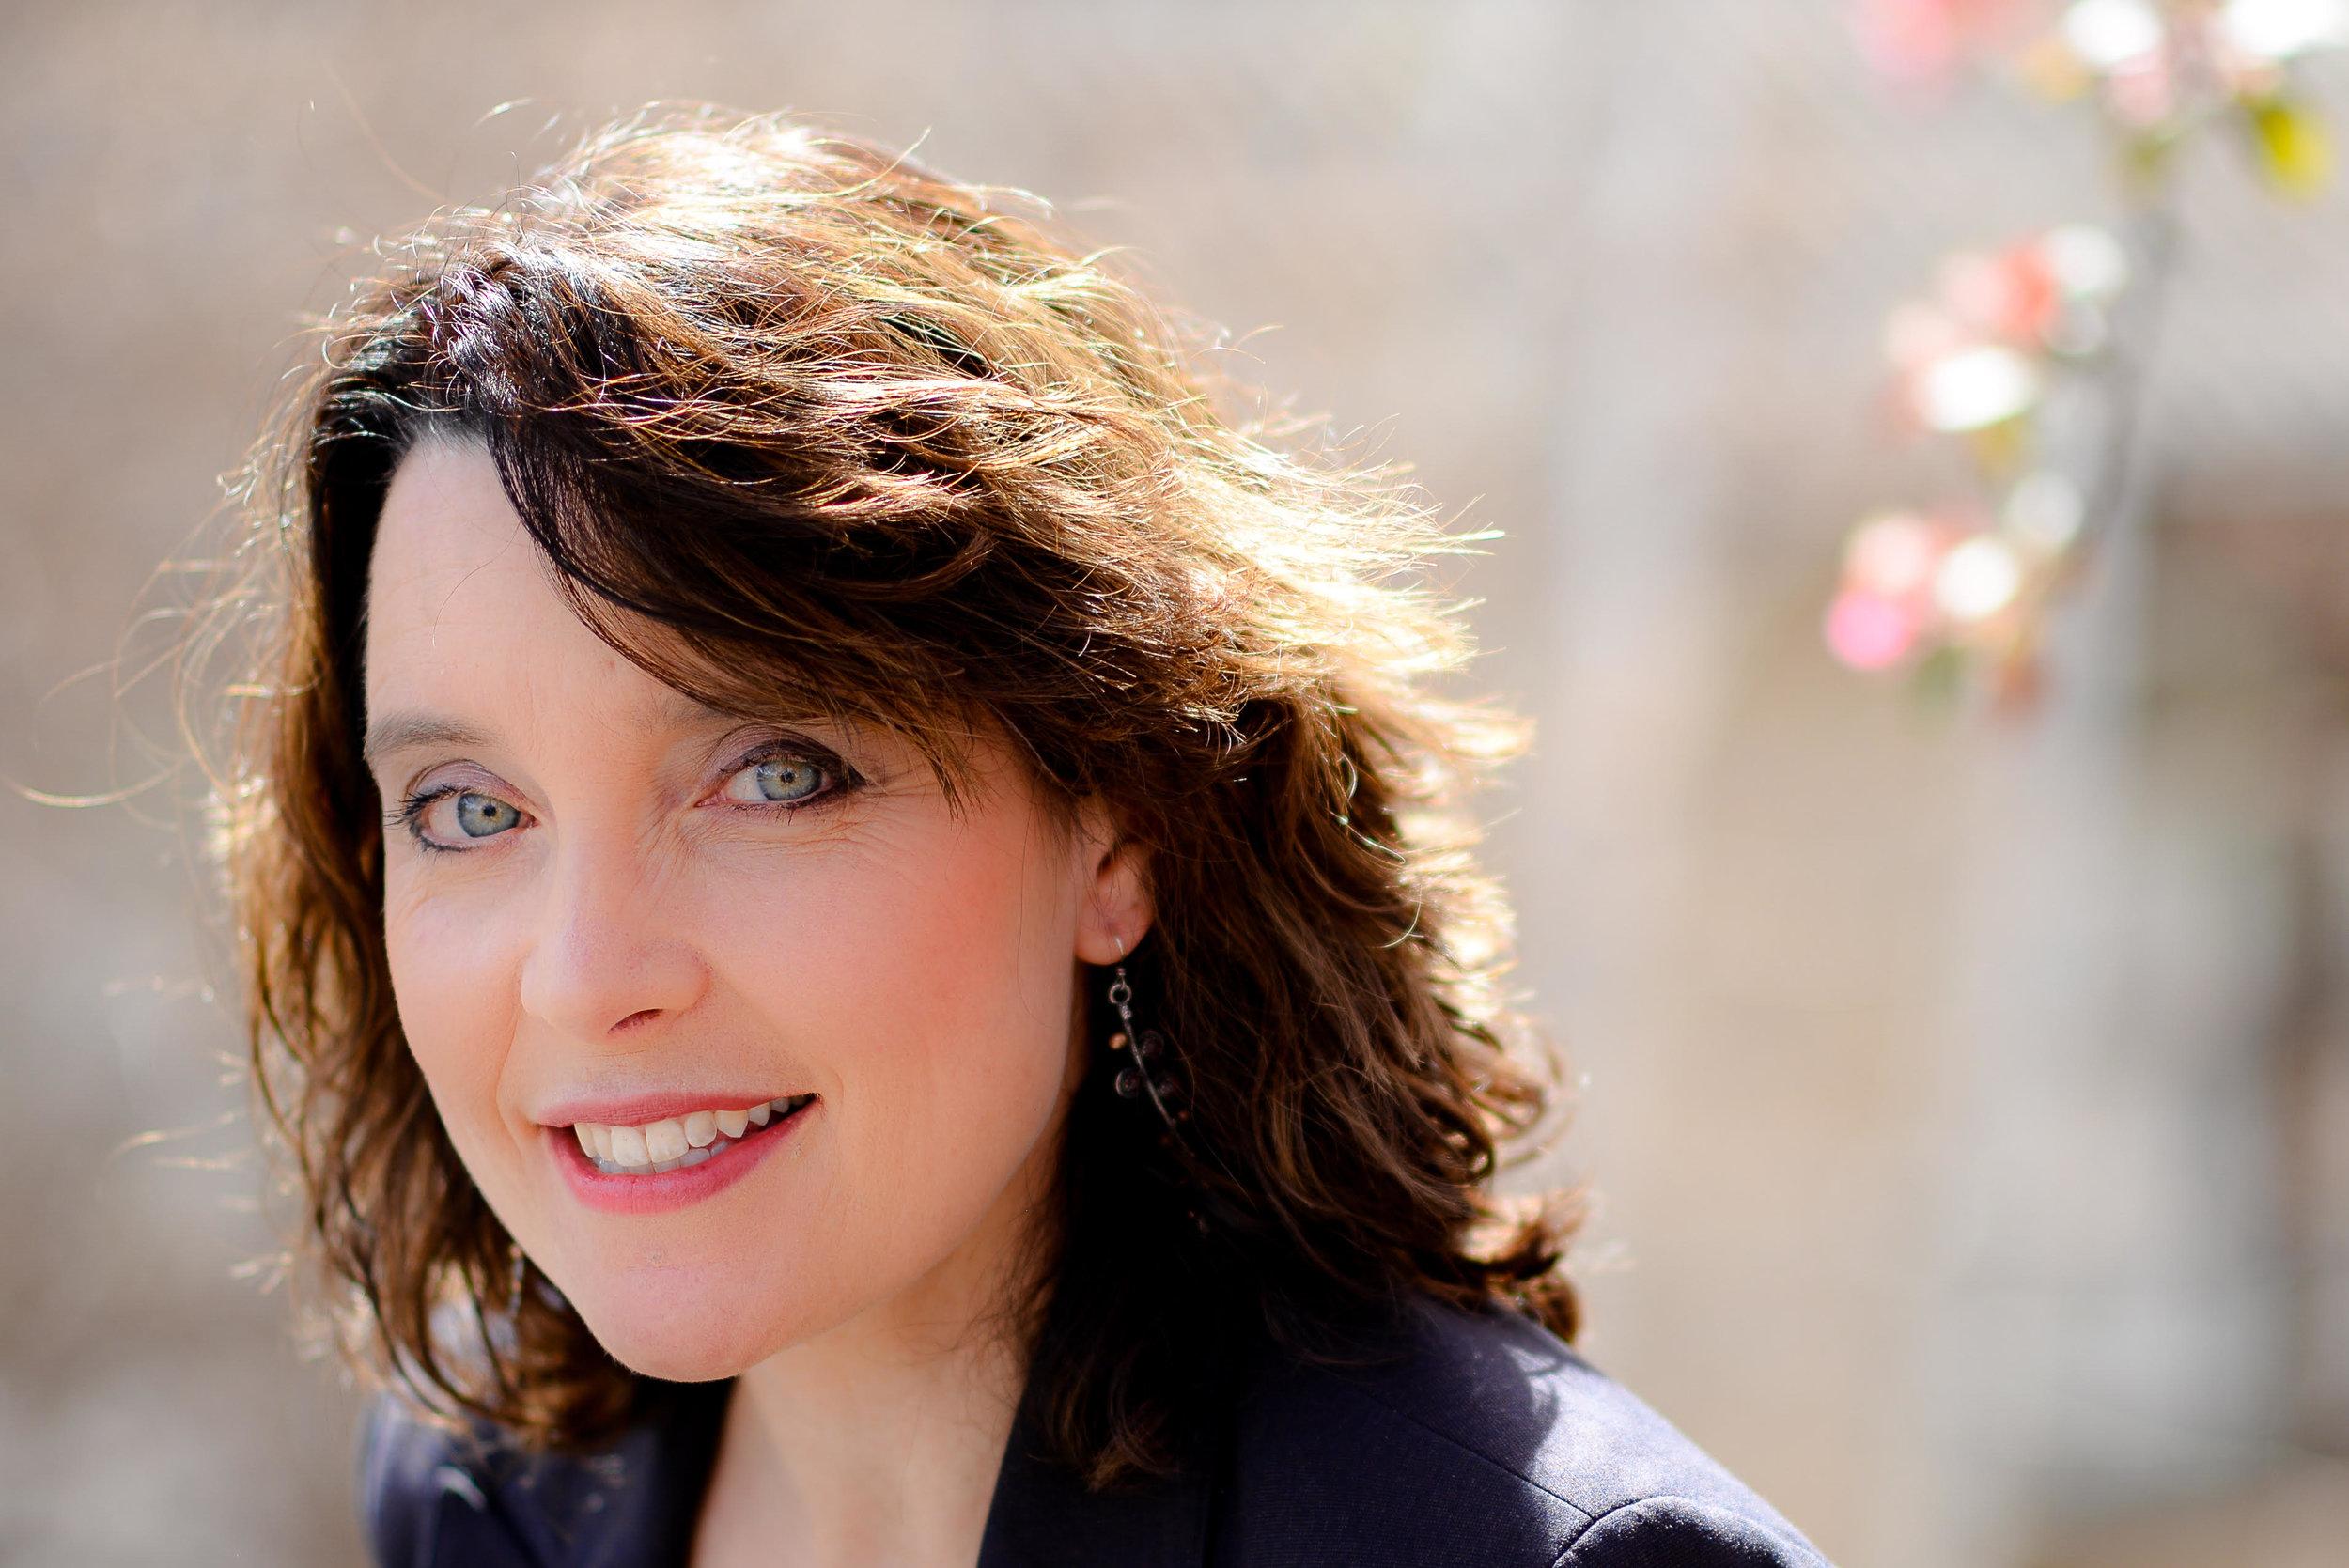 Shana Kirk